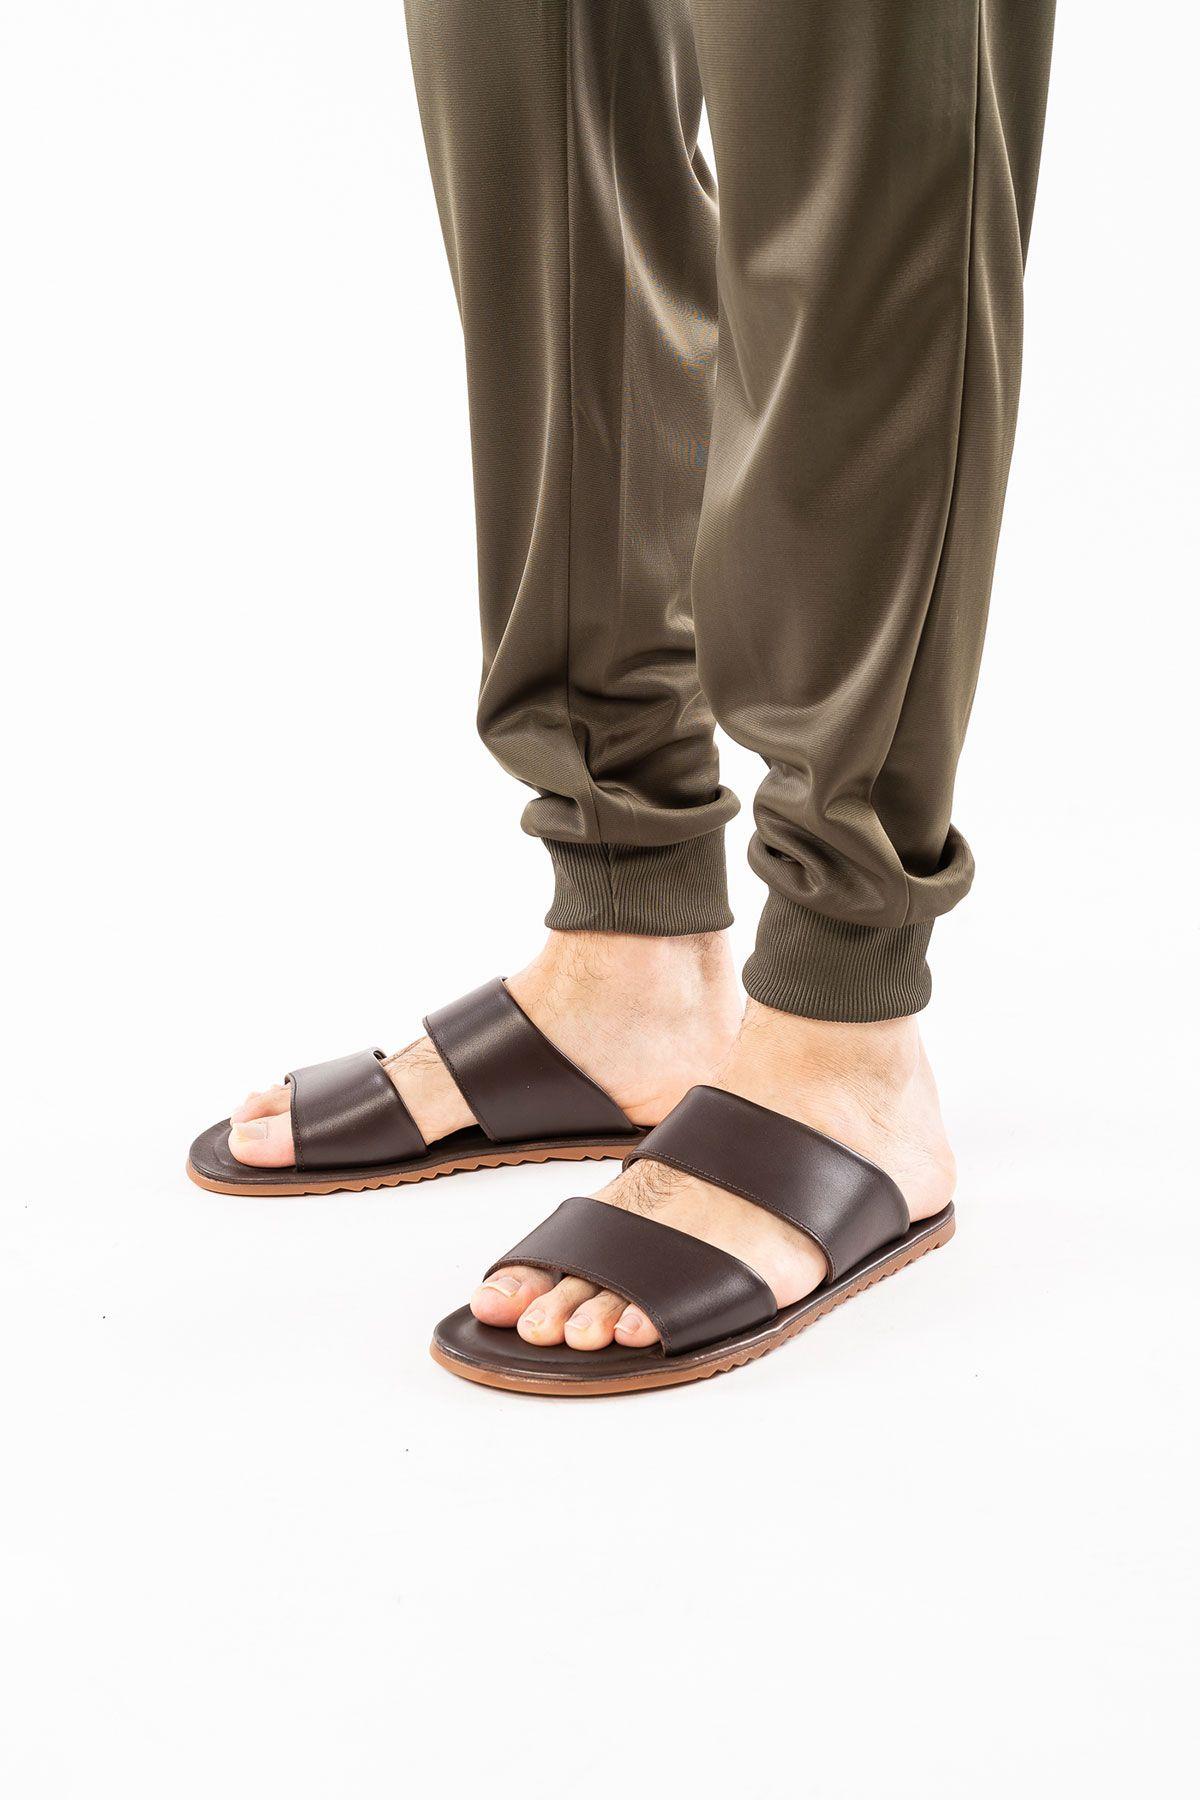 Florra Genuine Leather Men Slippers 203125 Brown